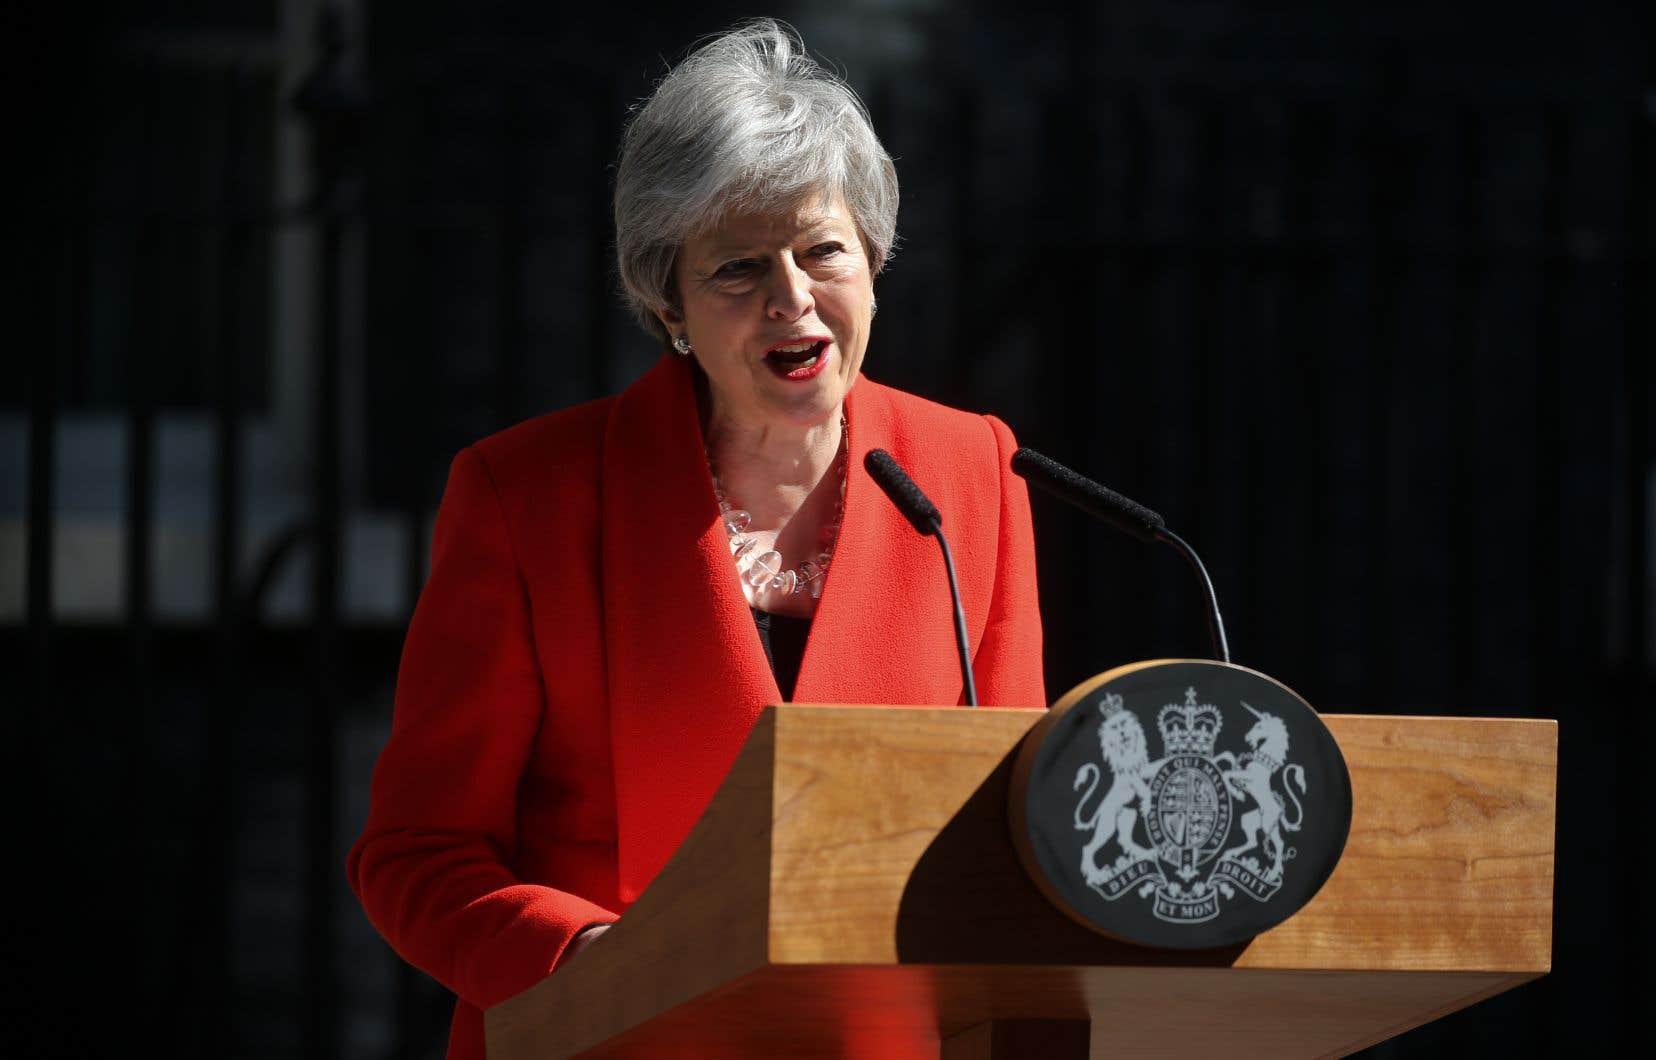 La première ministre britannique a exprimé «un profond regret de ne pas avoir été capable de mettre en œuvre le Brexit».